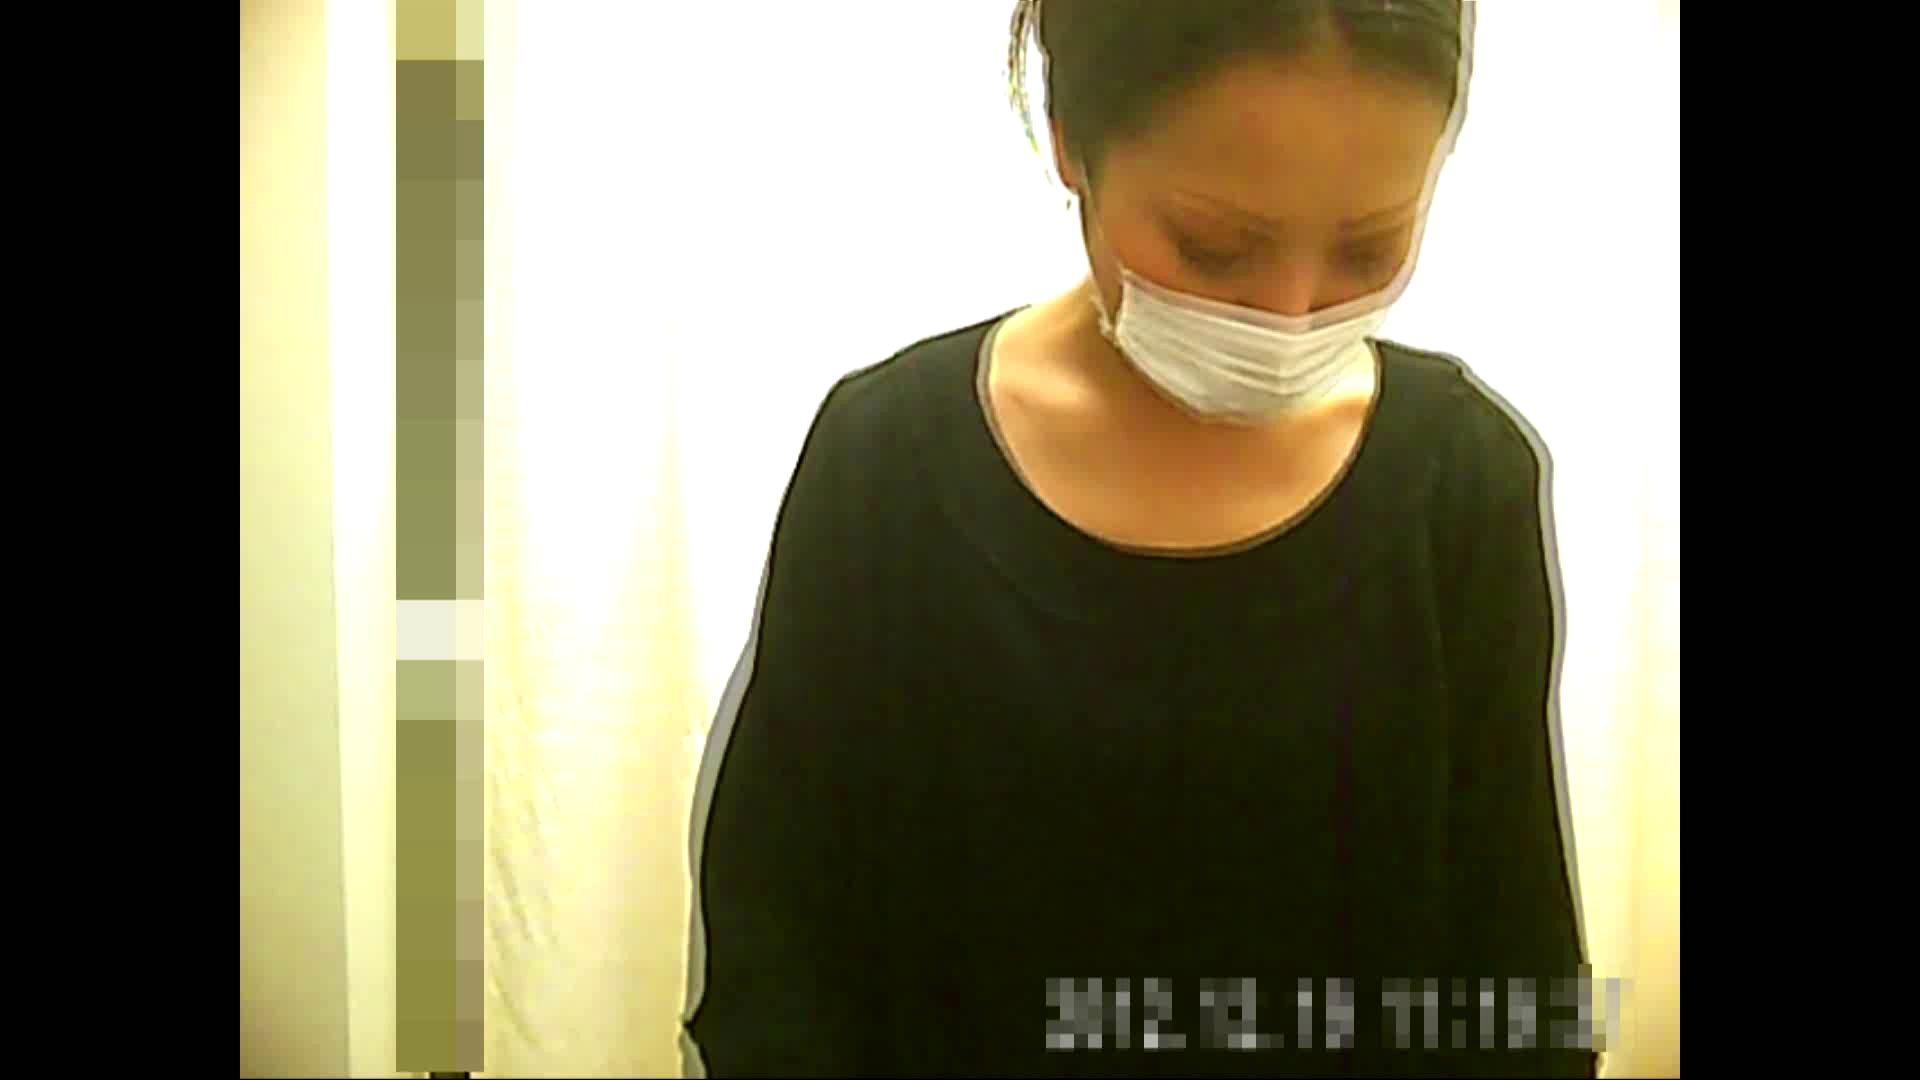 元医者による反抗 更衣室地獄絵巻 vol.115 OLハメ撮り  90Pix 47